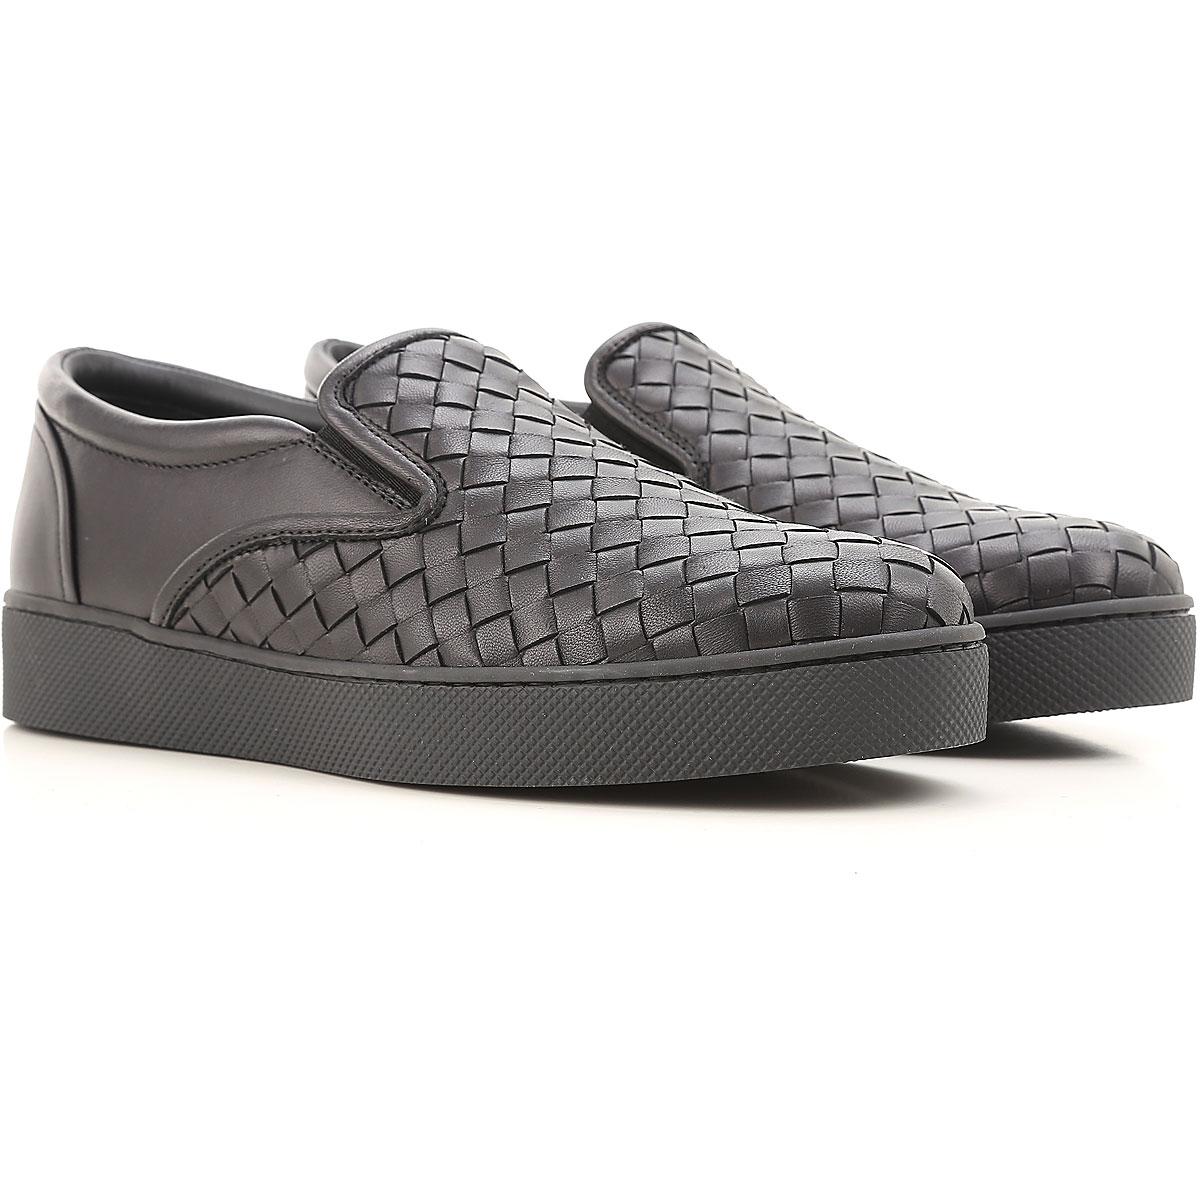 Bottega Veneta Slip on Sneakers for Women On Sale, Black, Leather, 2017, 2.5 3.5 4 4.5